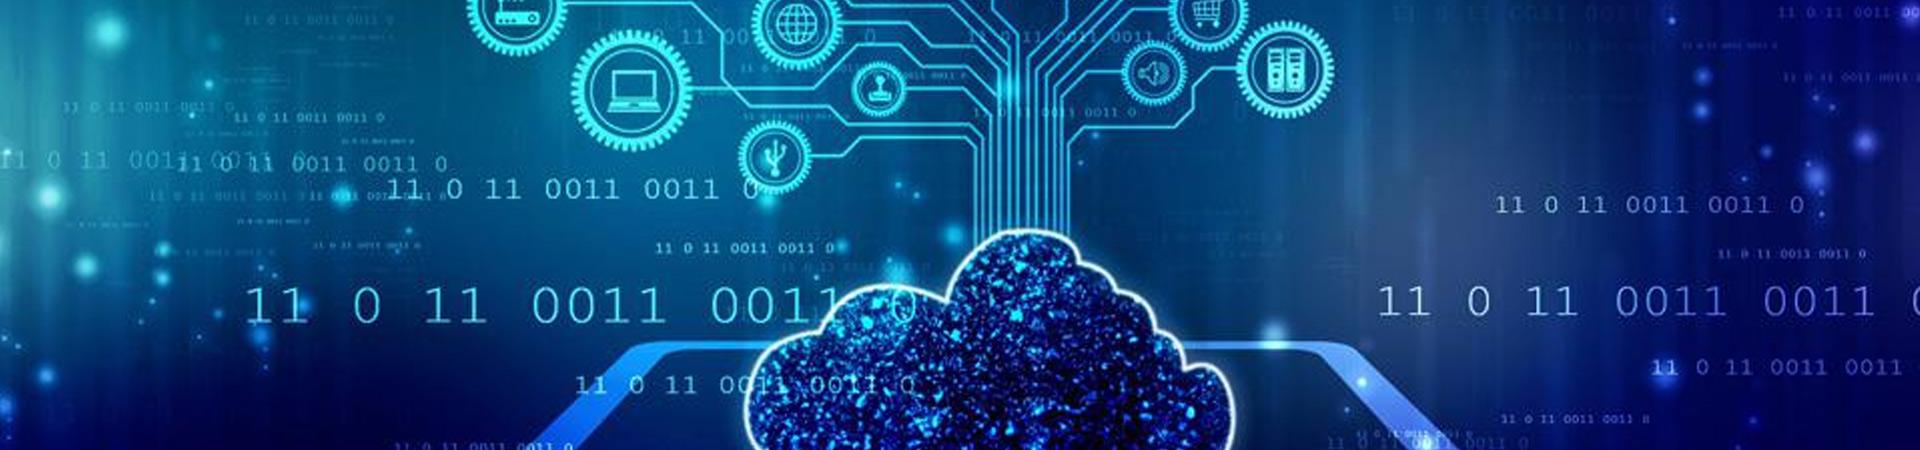 cloud-migration-banner